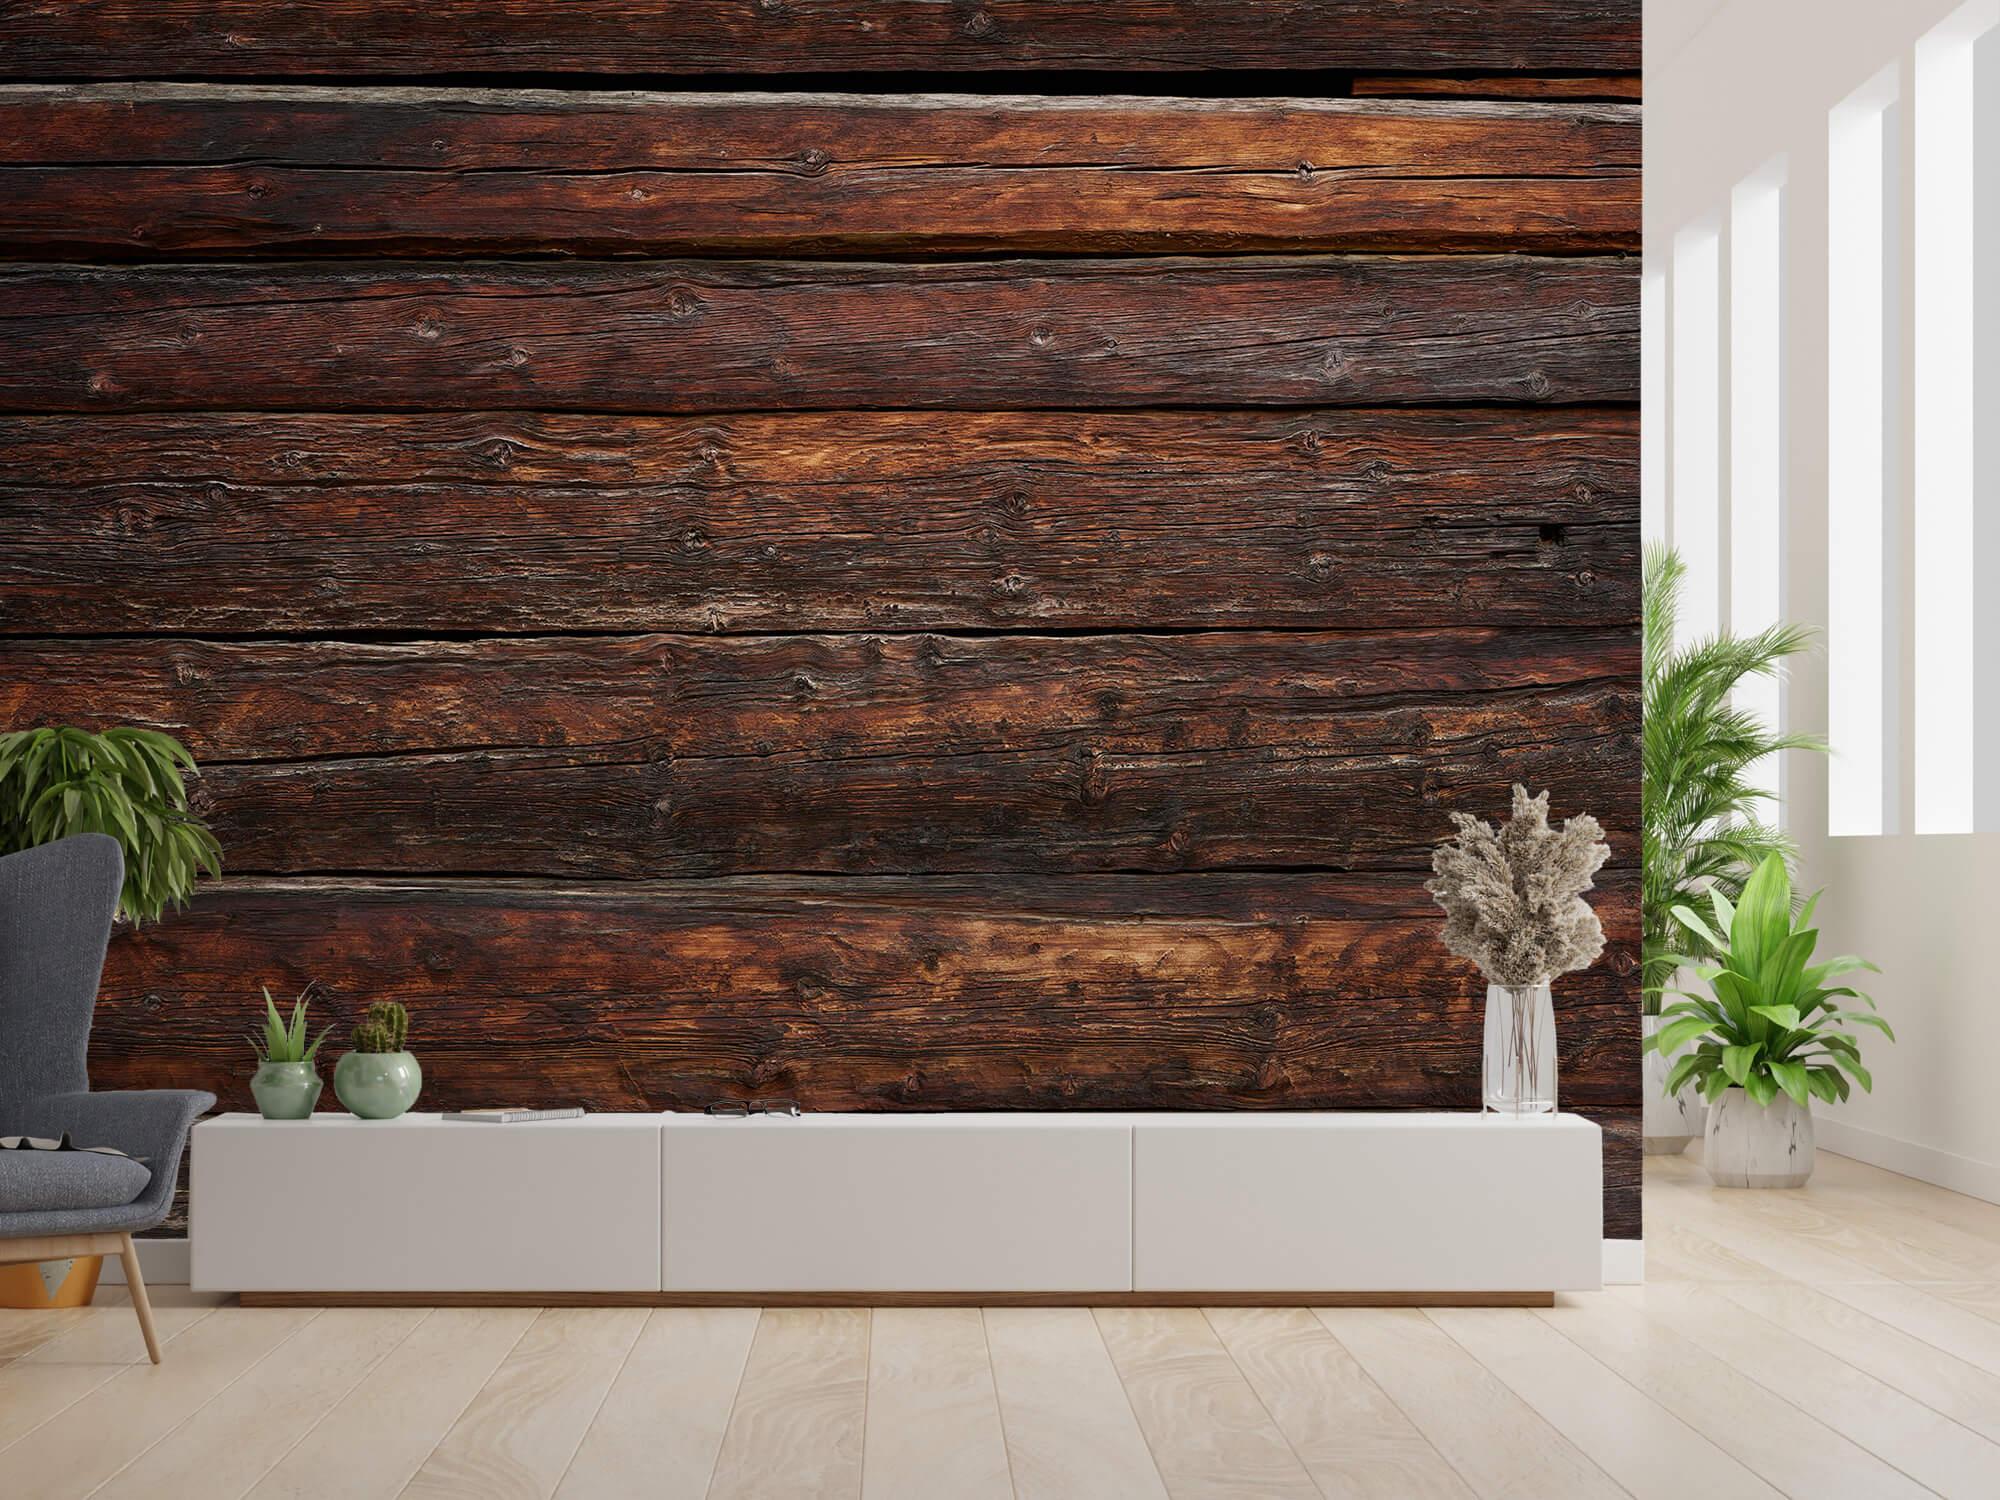 Wooden wallpaper - Coarse wood - Bedroom 2